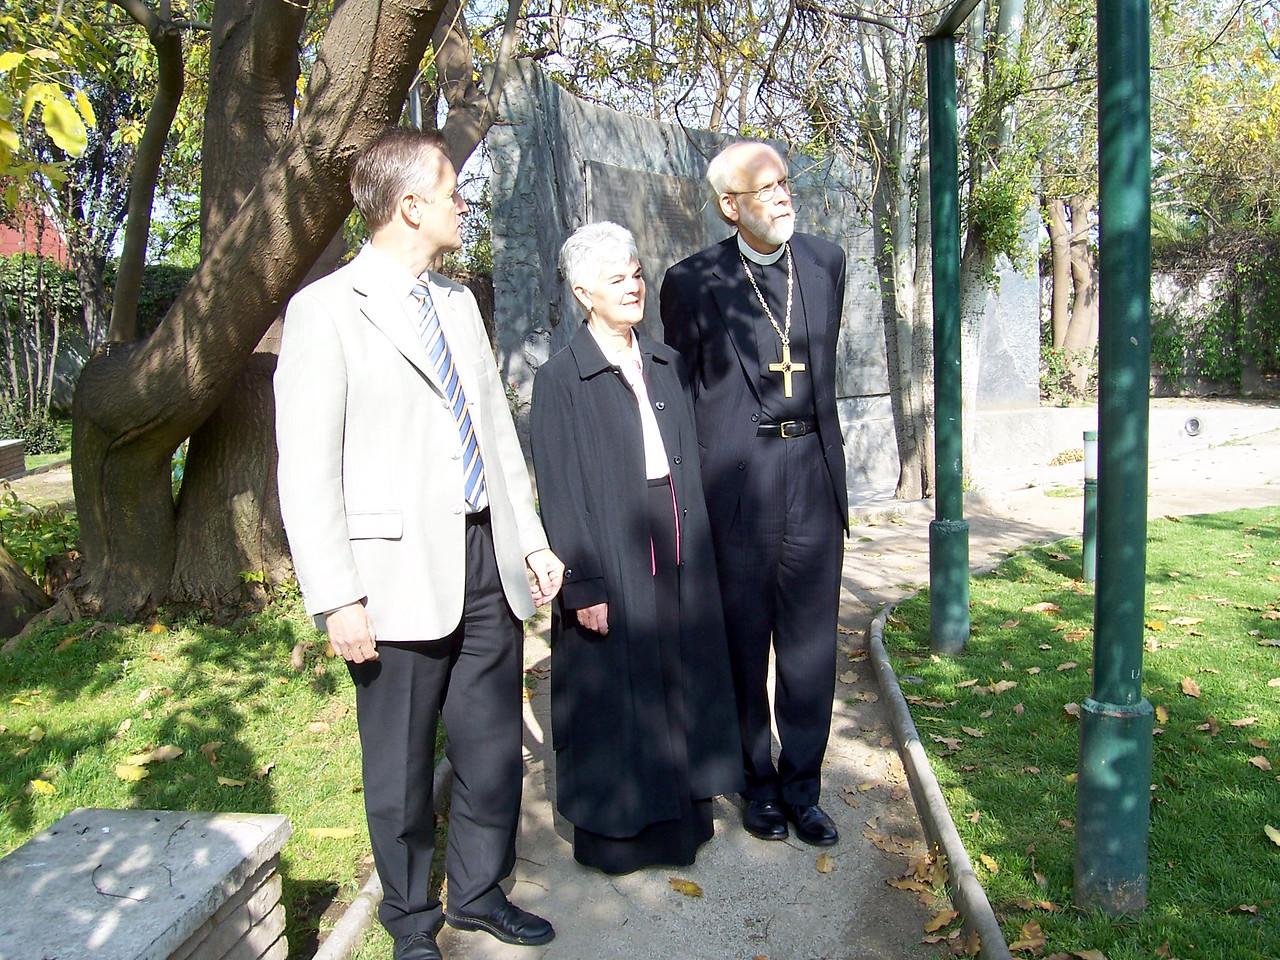 """The Rev. Mark S. Hanson (far left), LWF president and ELCA presiding bishop, his wife, Ione Hanson, and the Rev. Martin Junge (right), LWF area secretary for Latin America and Caribbean, visit """"El Parque por la Paz Villa Grimaldi"""" in Chile."""